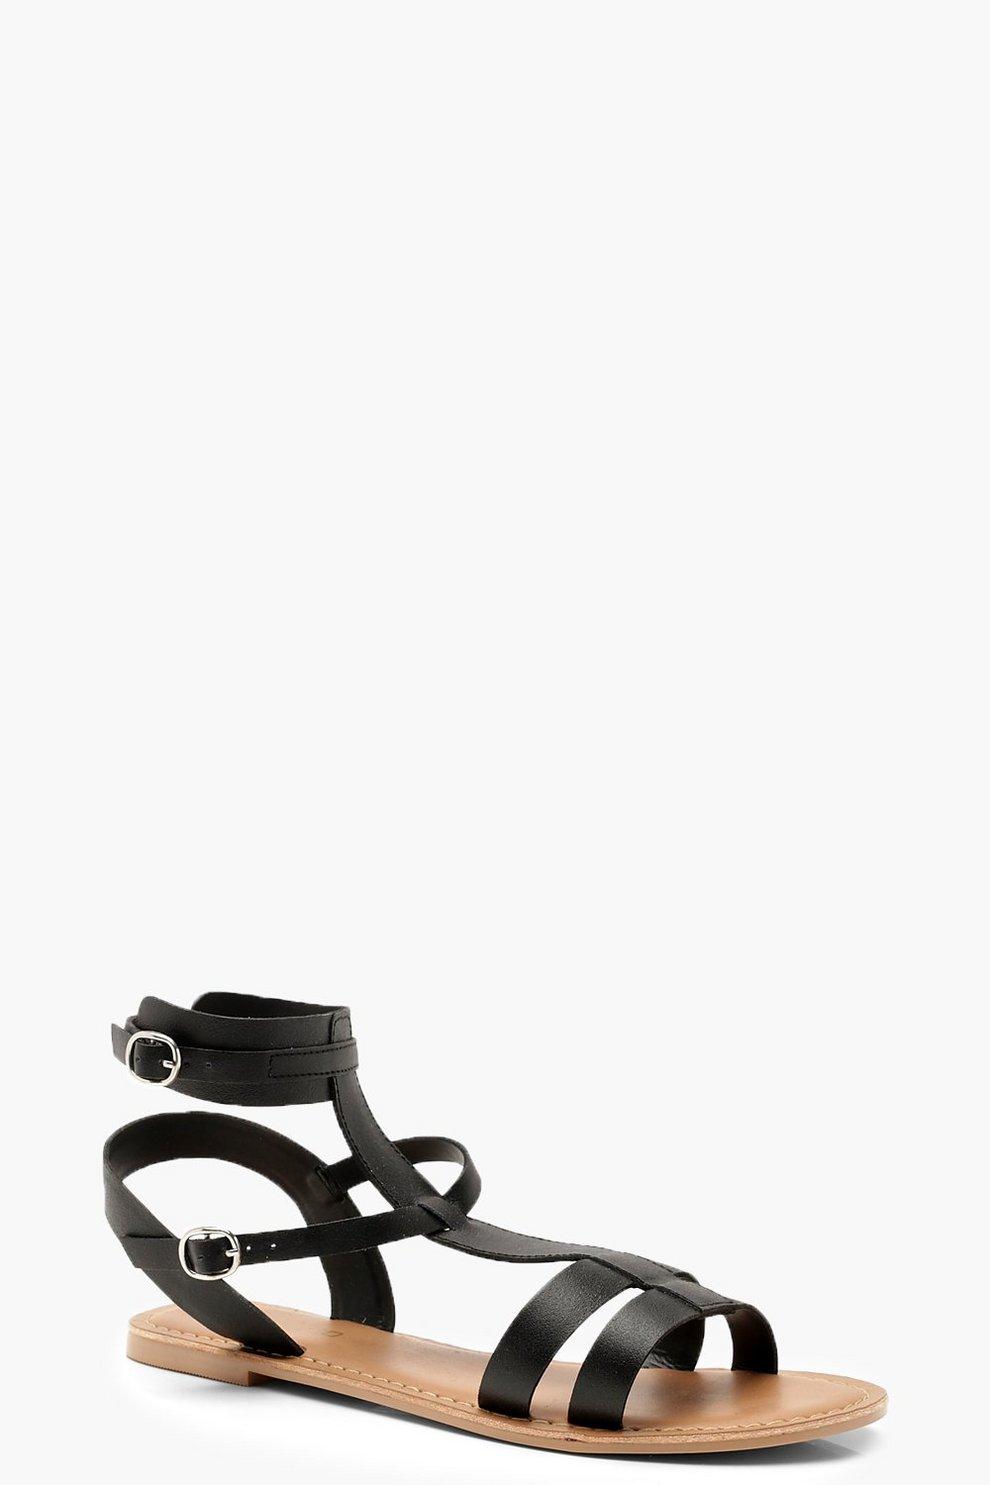 81aeca945c0 Multi Strap Leather Gladiator Sandals